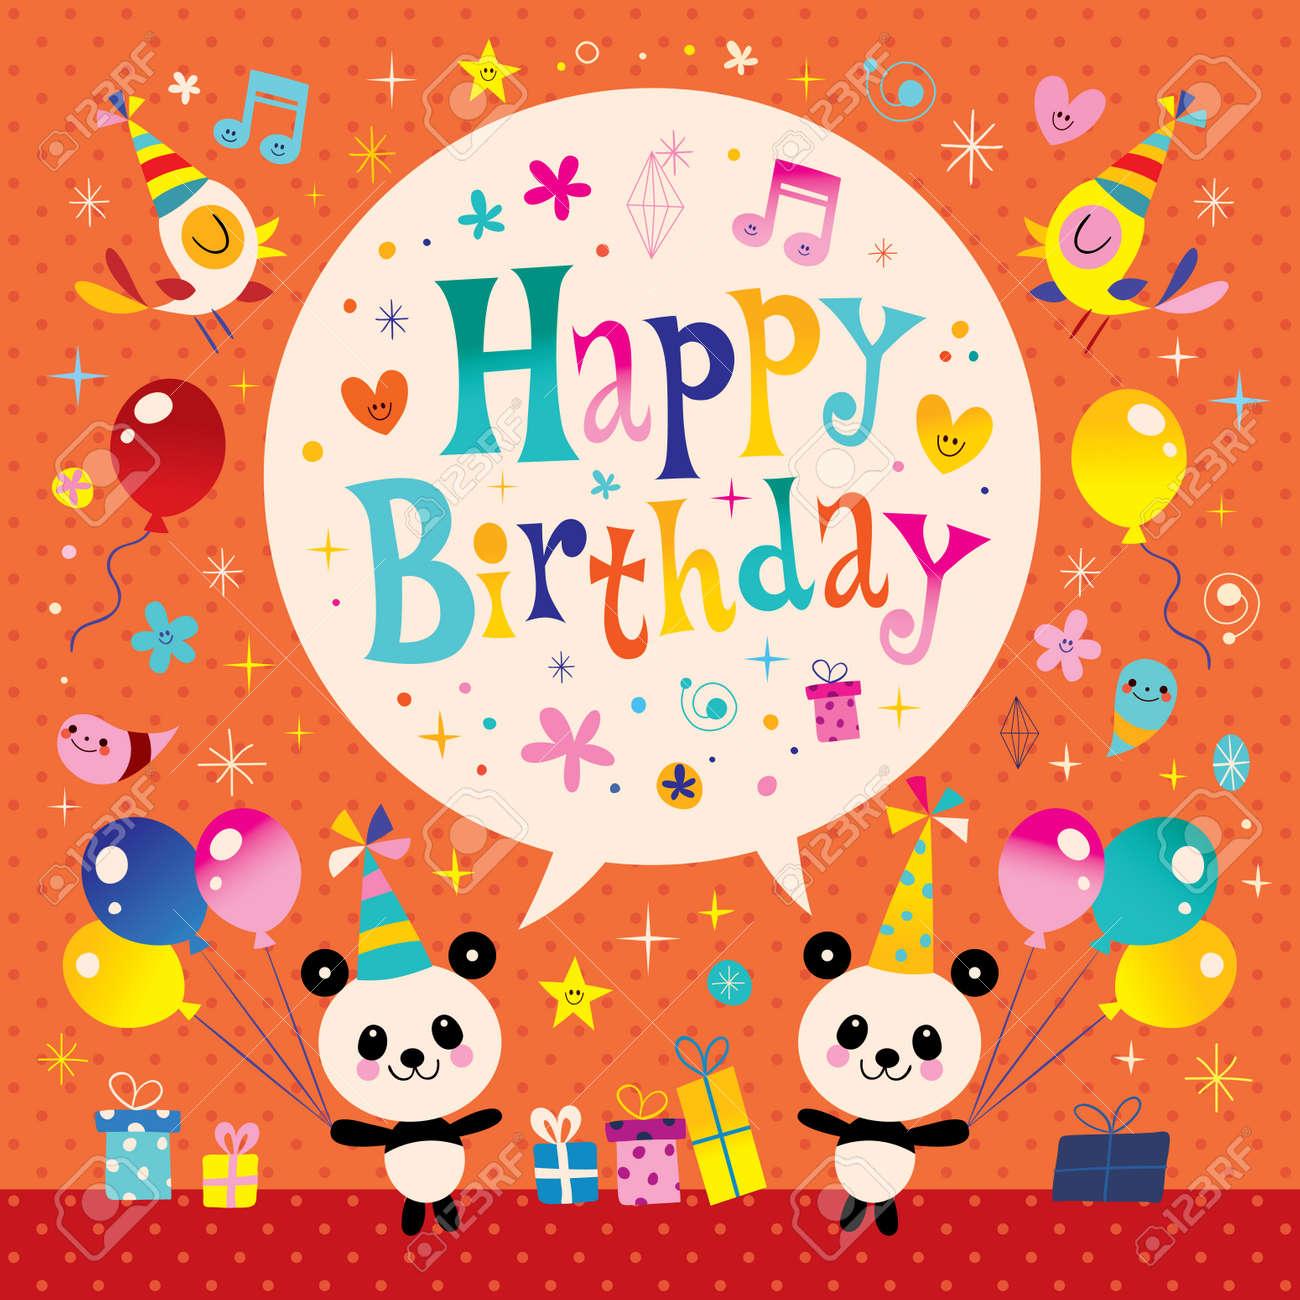 Alles Gute Zum Geburtstag Kinder Grusskarte Mit Niedlichen Panda